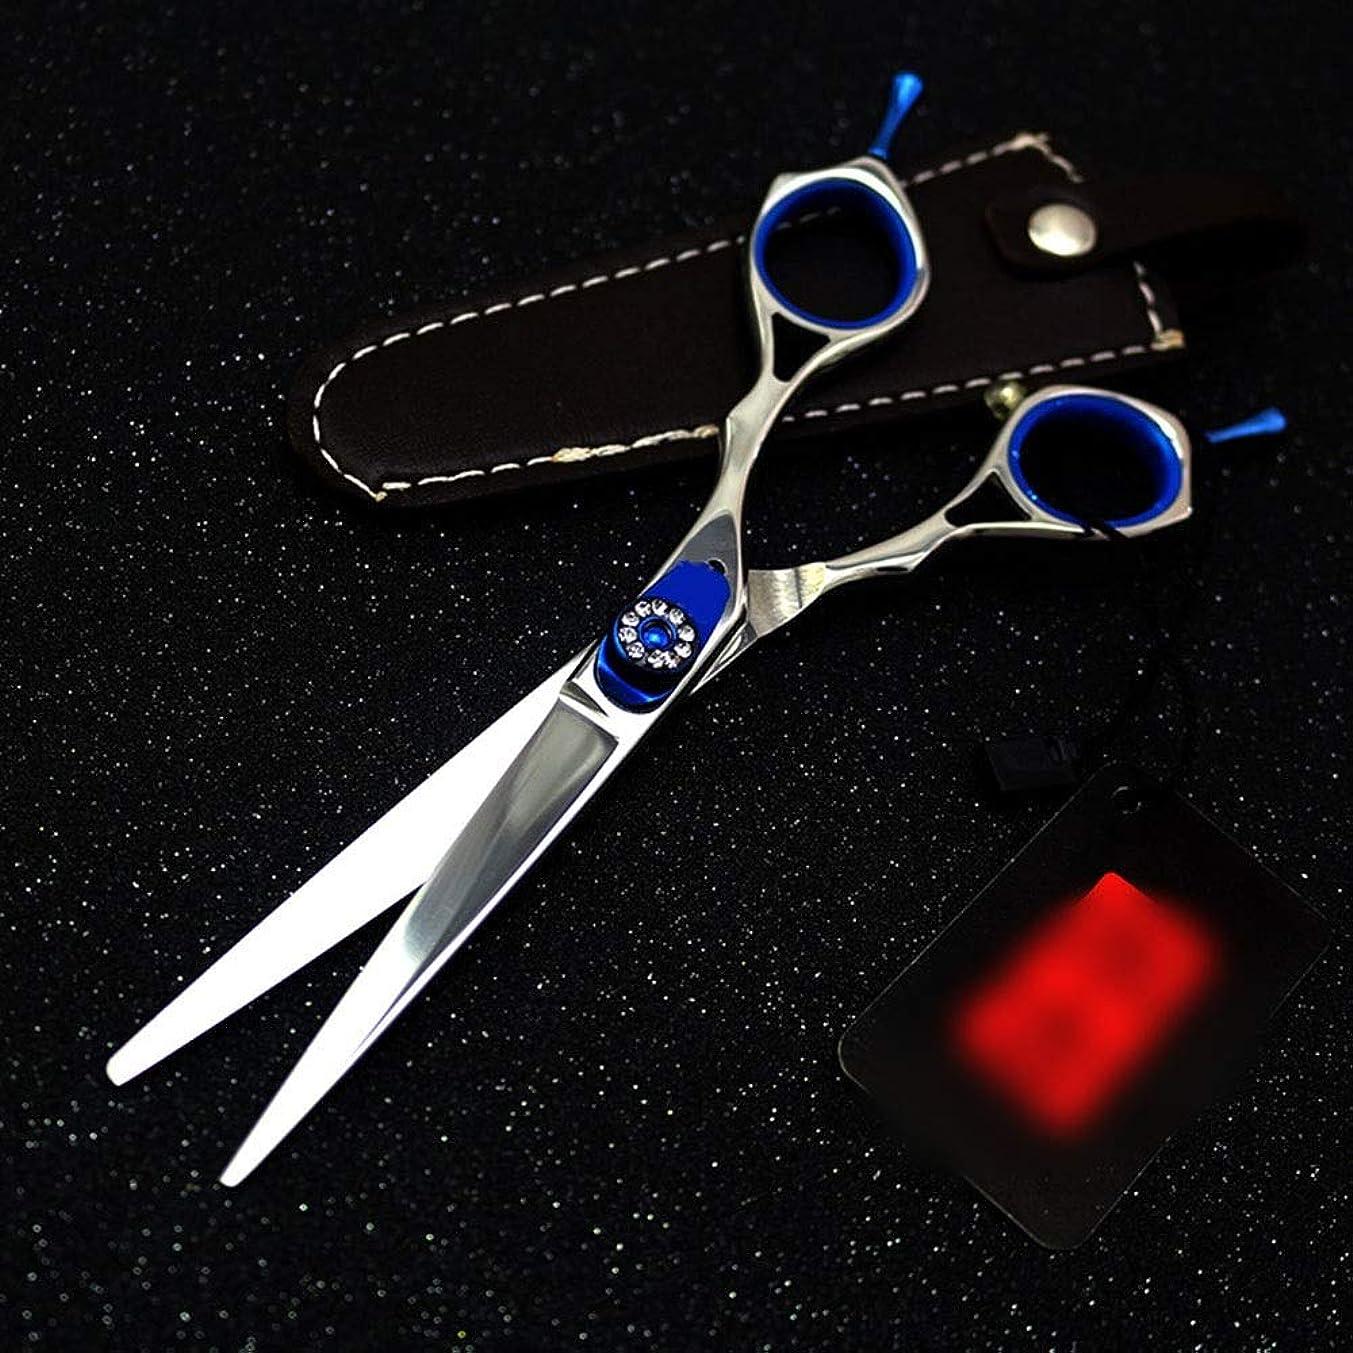 潜在的な不変アーチ6インチプロフェッショナル両面理髪はさみ、宝石用原石理髪プロフェッショナルはさみ モデリングツール (色 : 青)